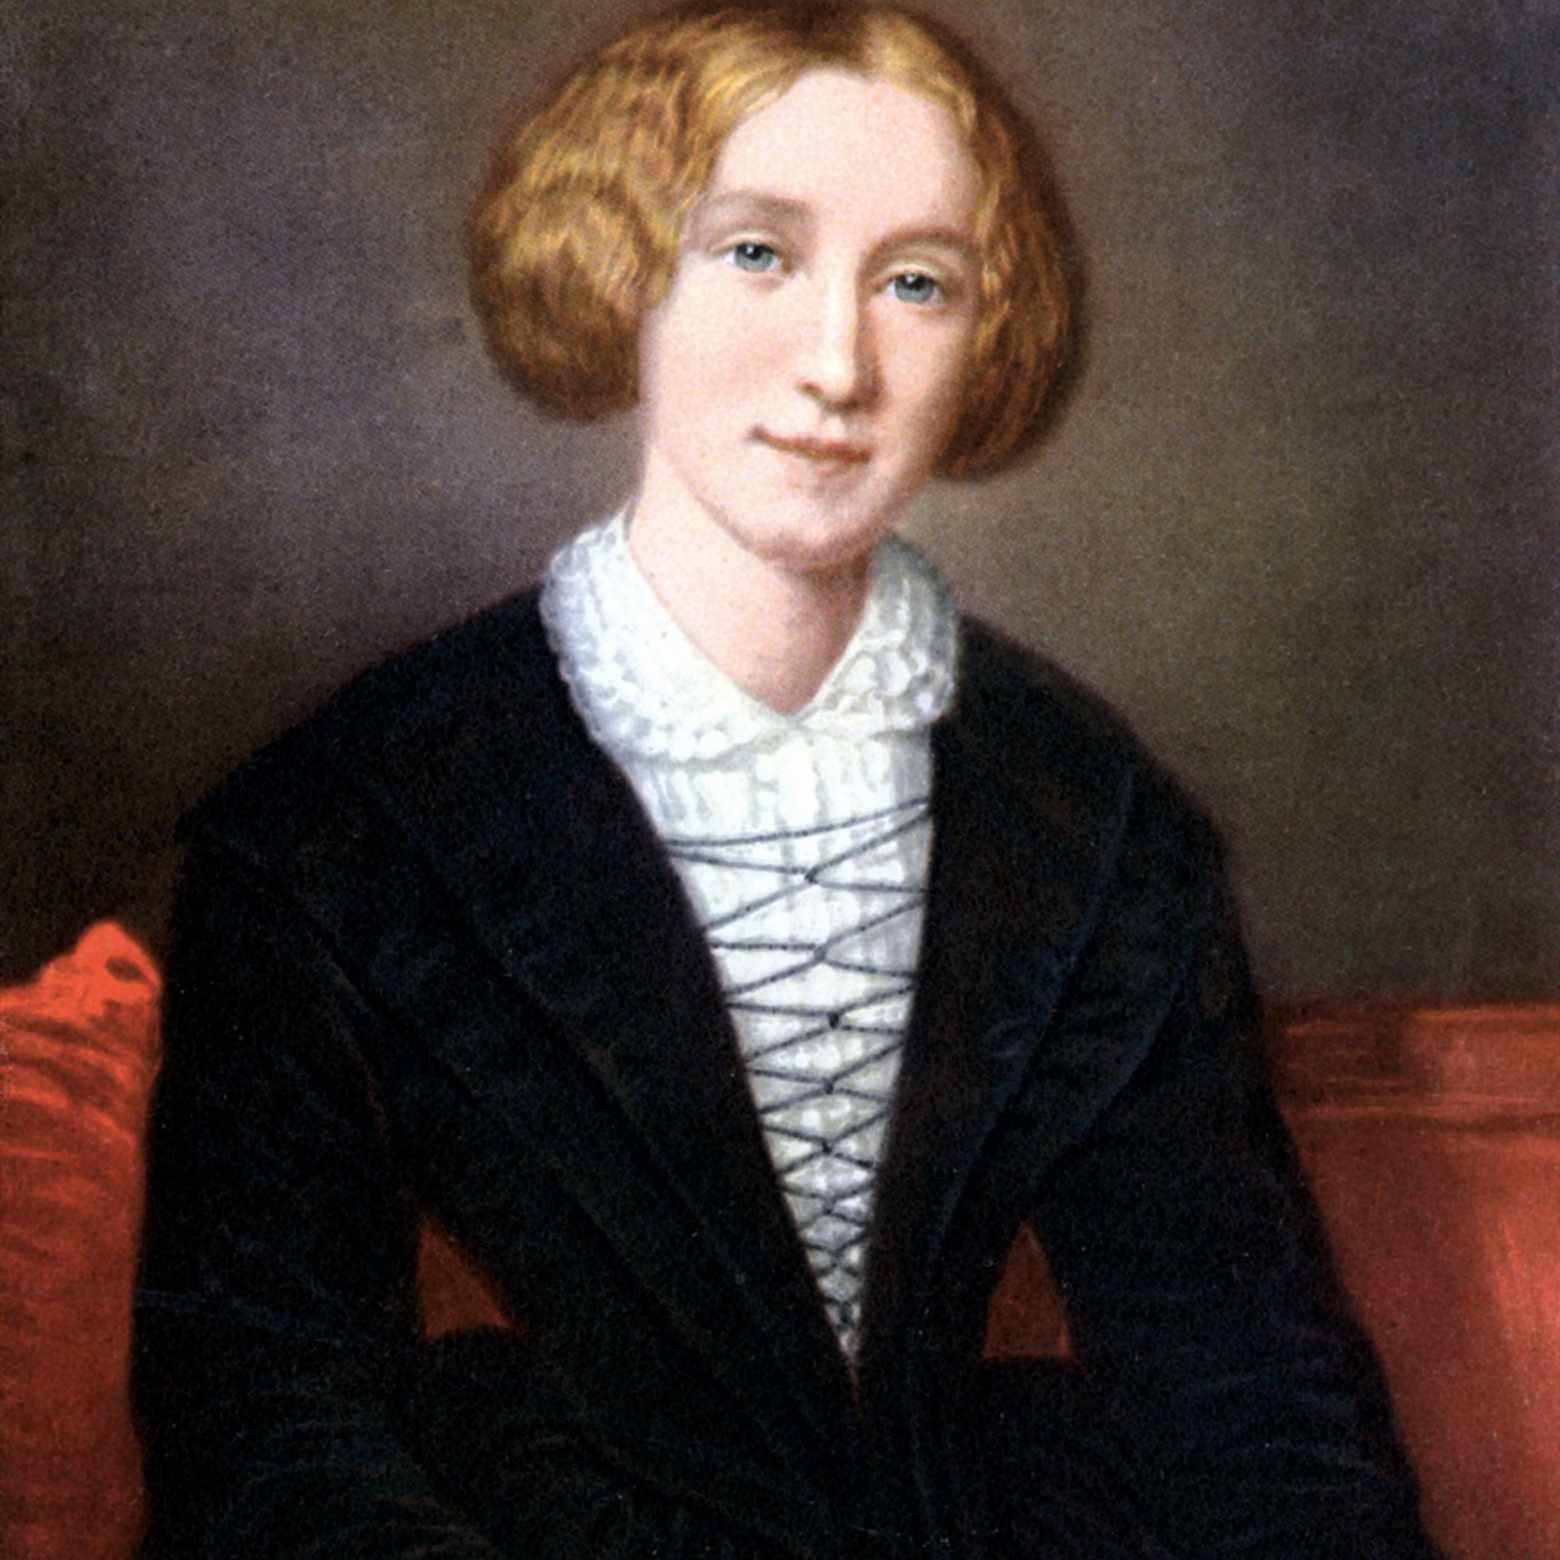 George Eliot als junge Frau, um 1840.